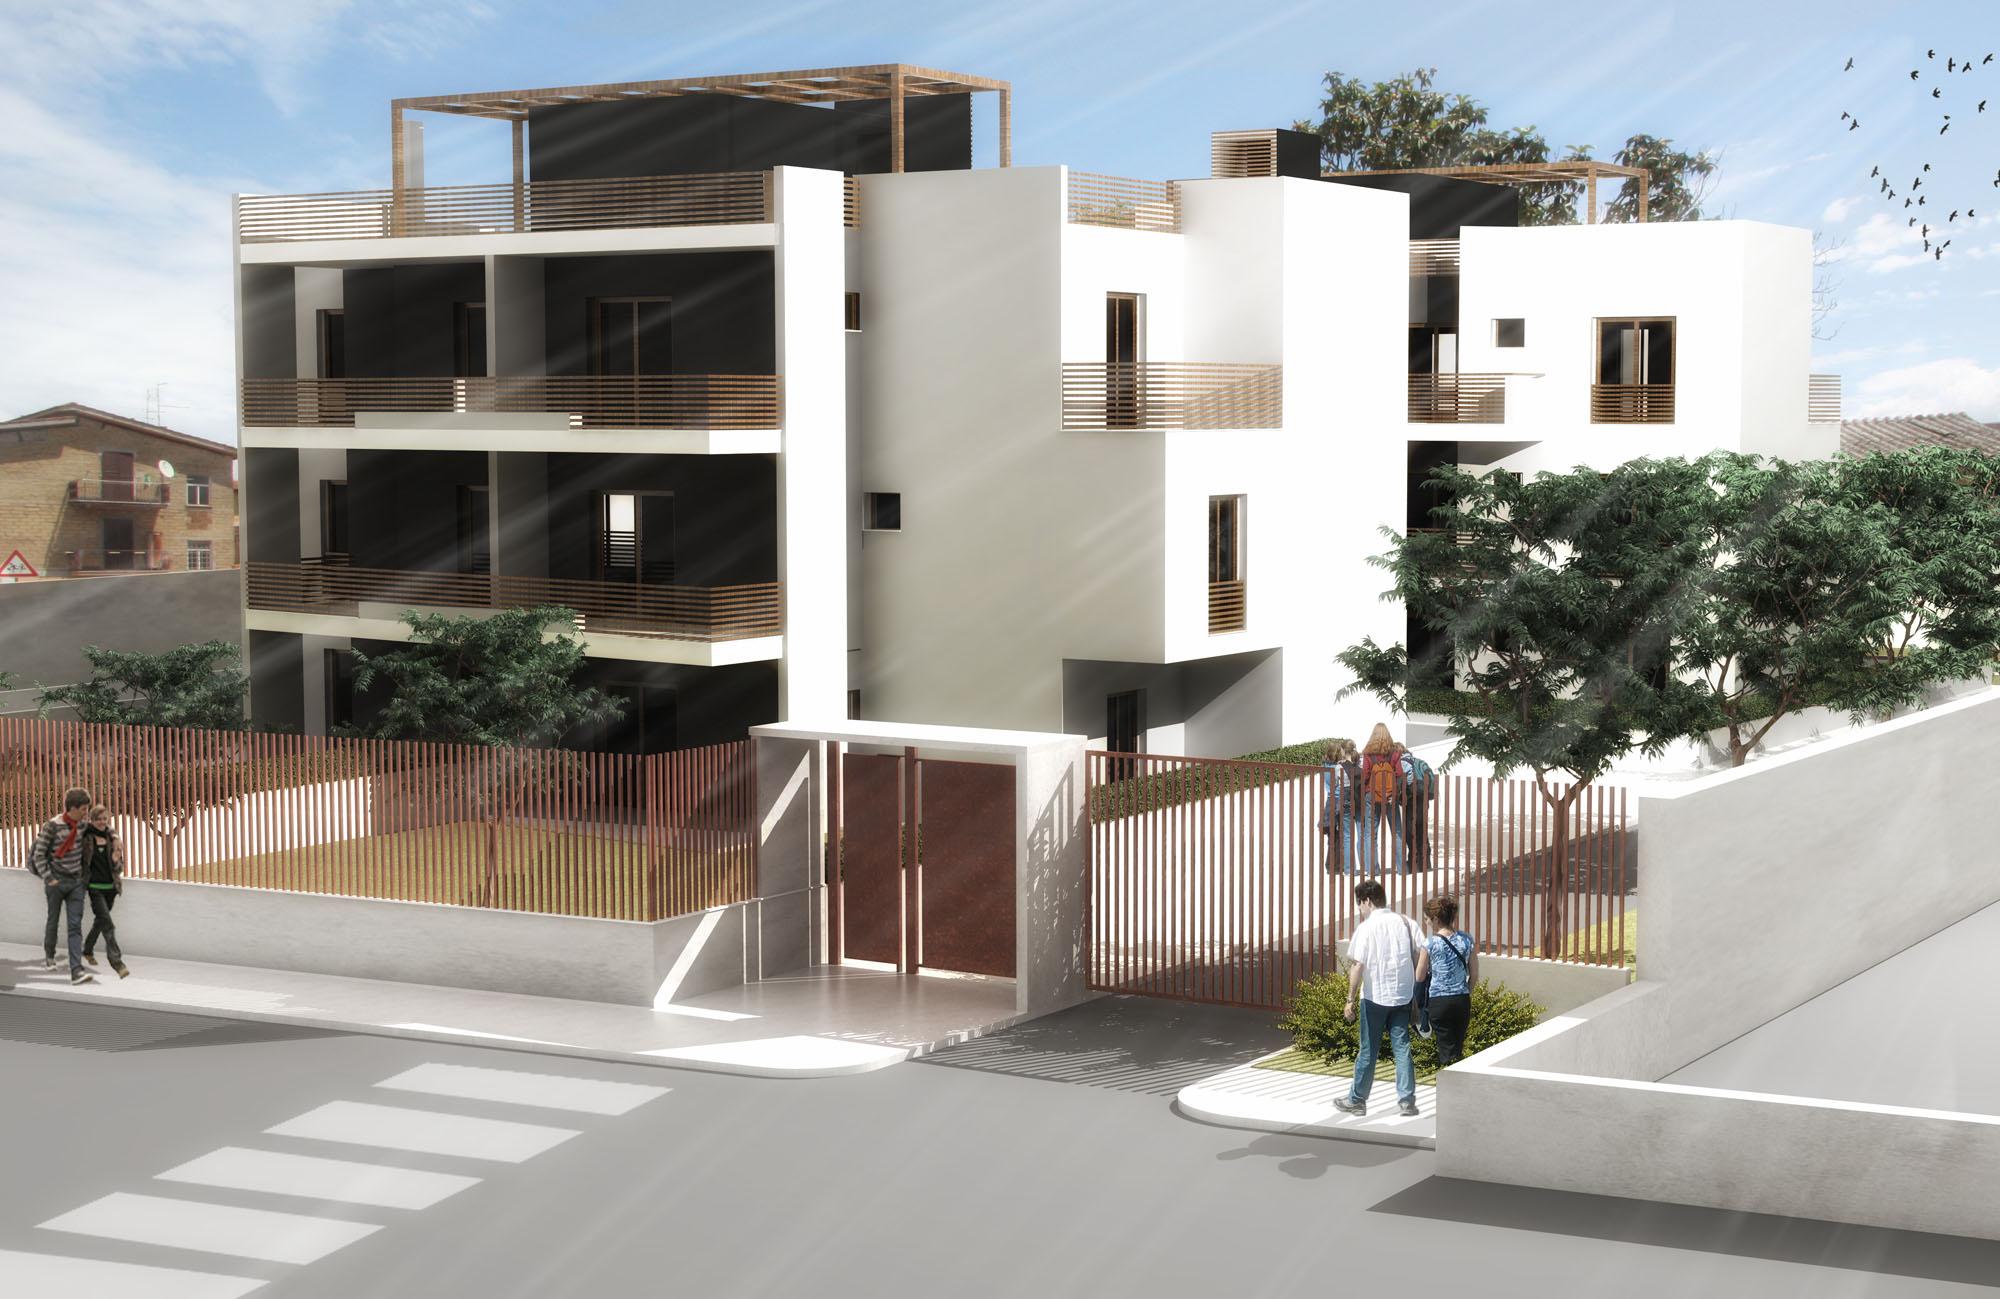 Studio di architettura franco bernardini architetto for Architettura residenziale contemporanea